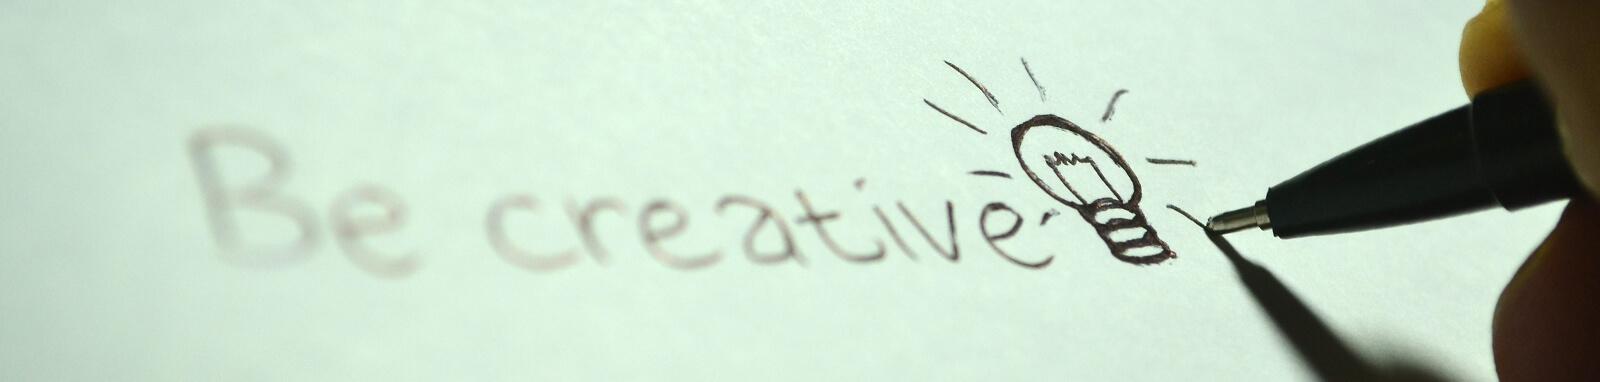 Zastosowanie kreatywnego podejścia w Action Learning jest kluczem do podążania we właściwym kierunku dla danego problemu